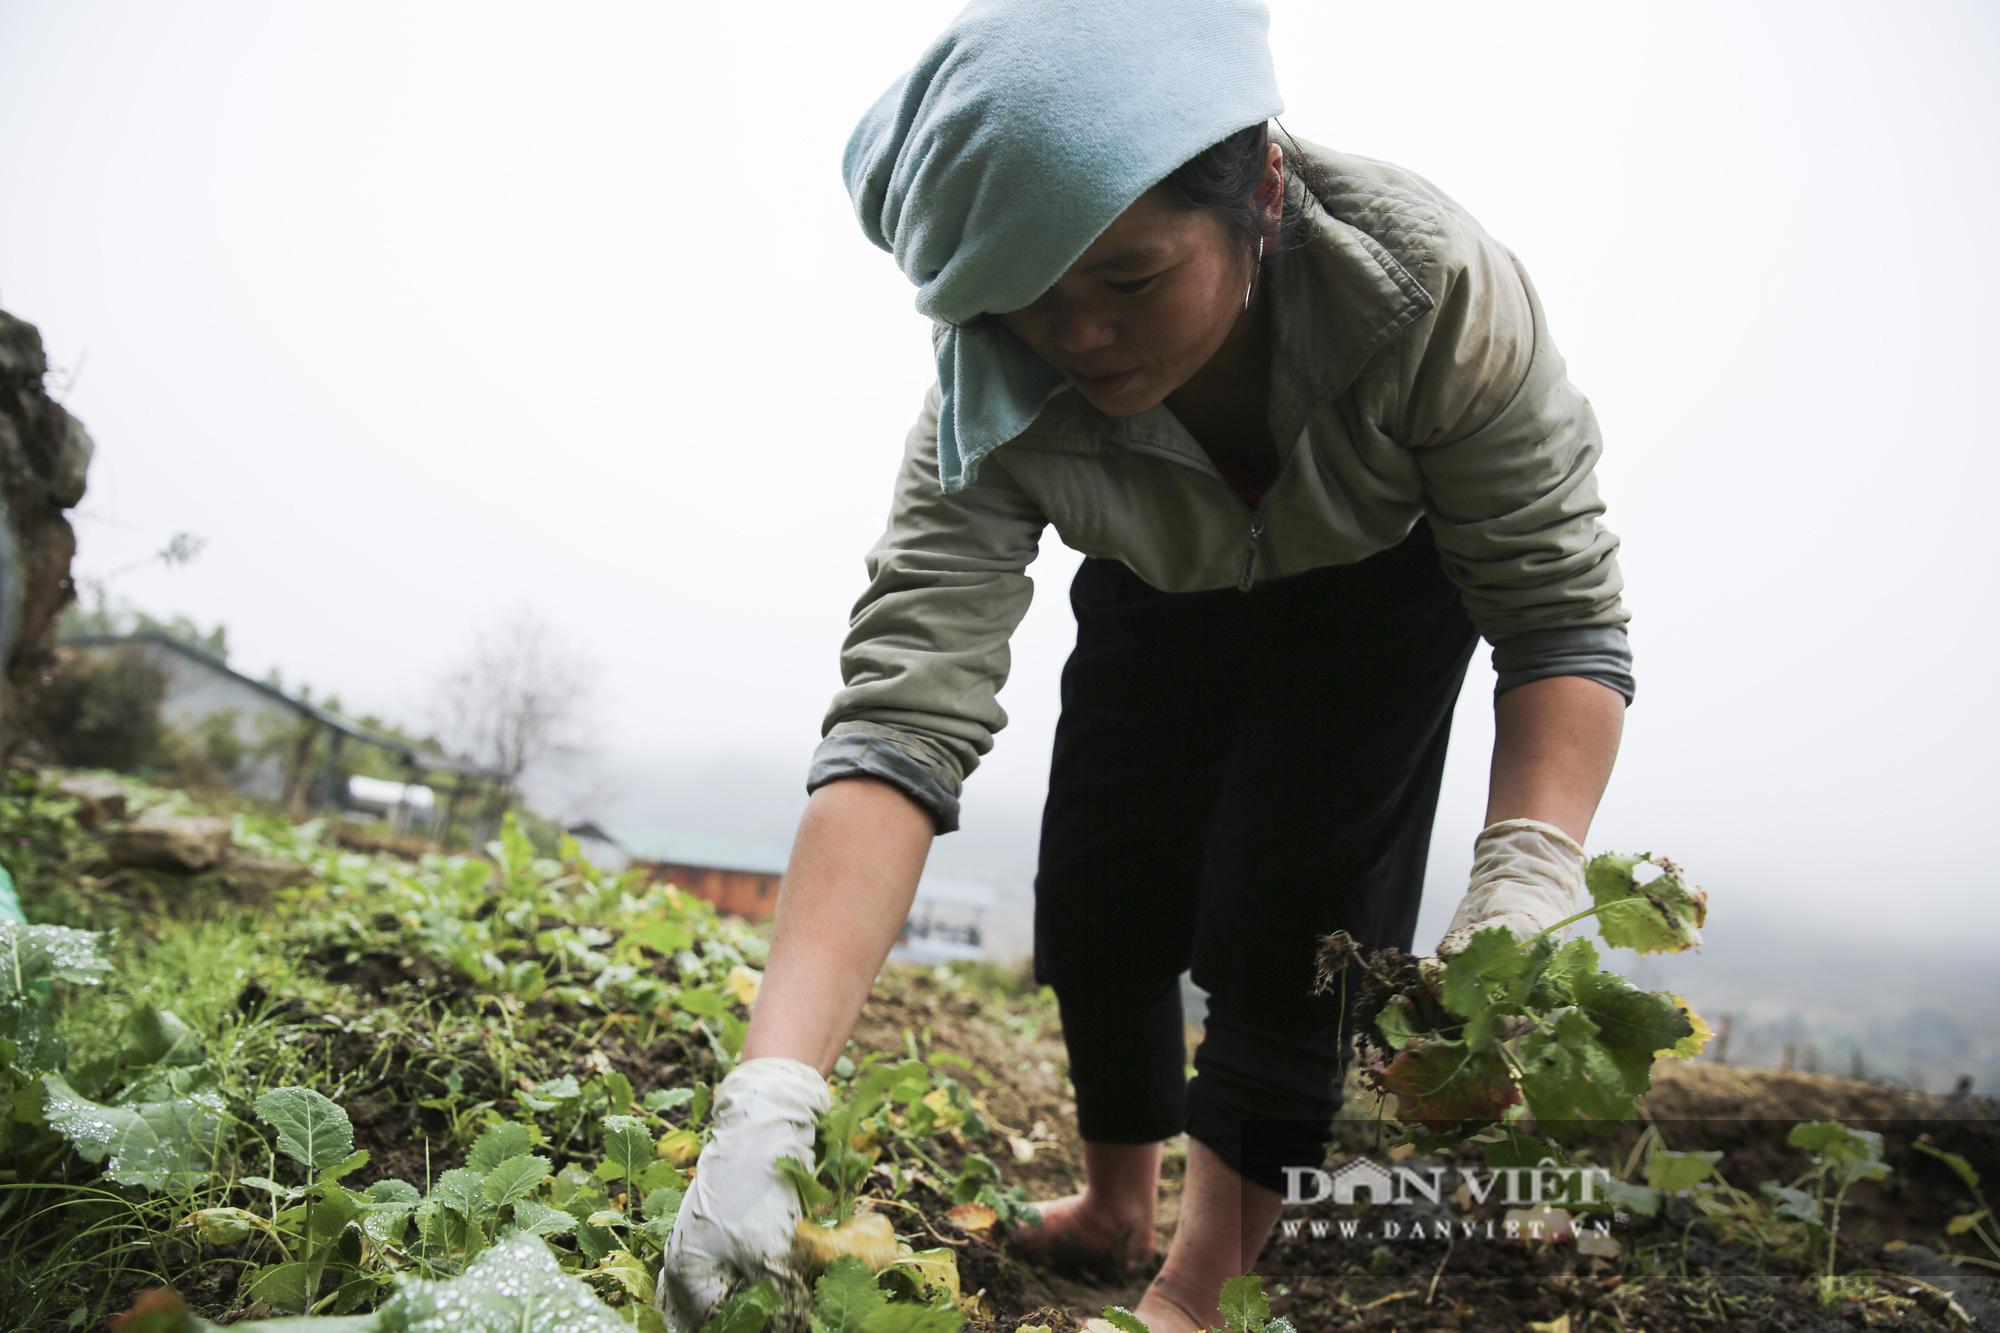 """Nông dân Sa Pa """"căng mình"""" bảo vệ cây trồng, vật nuôi trước nguy cơ xuất hiện mưa tuyết - Ảnh 3."""